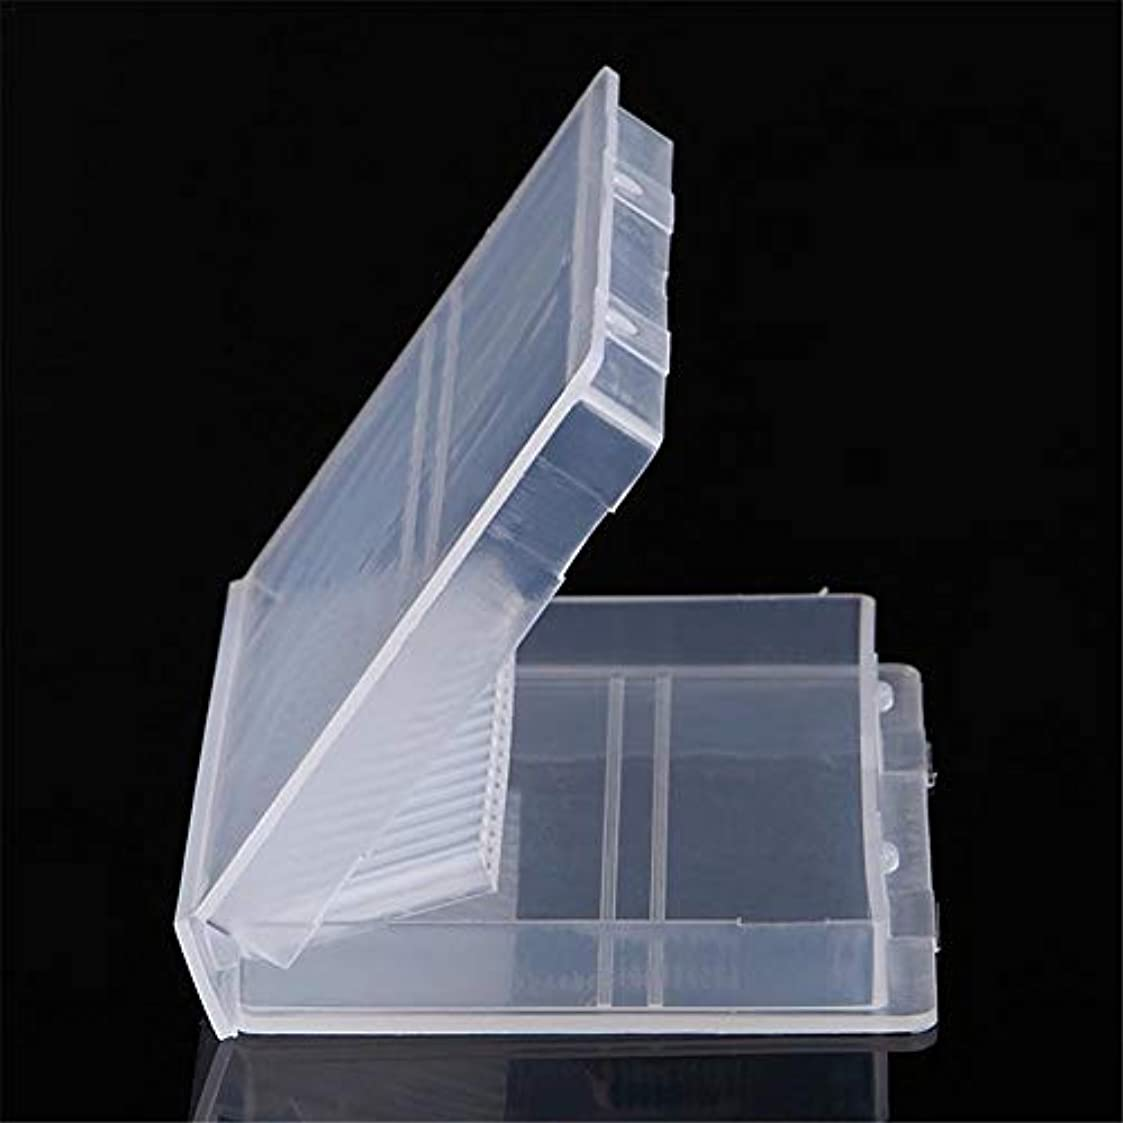 立場月面人気ネイルドリル 収納ケース ネイルビッドセット 研削ネイル用 透明 プラスチック 20穴 ネイル研削ヘッド収納ボックス パーツボックス パーツケース アクセサリー収納